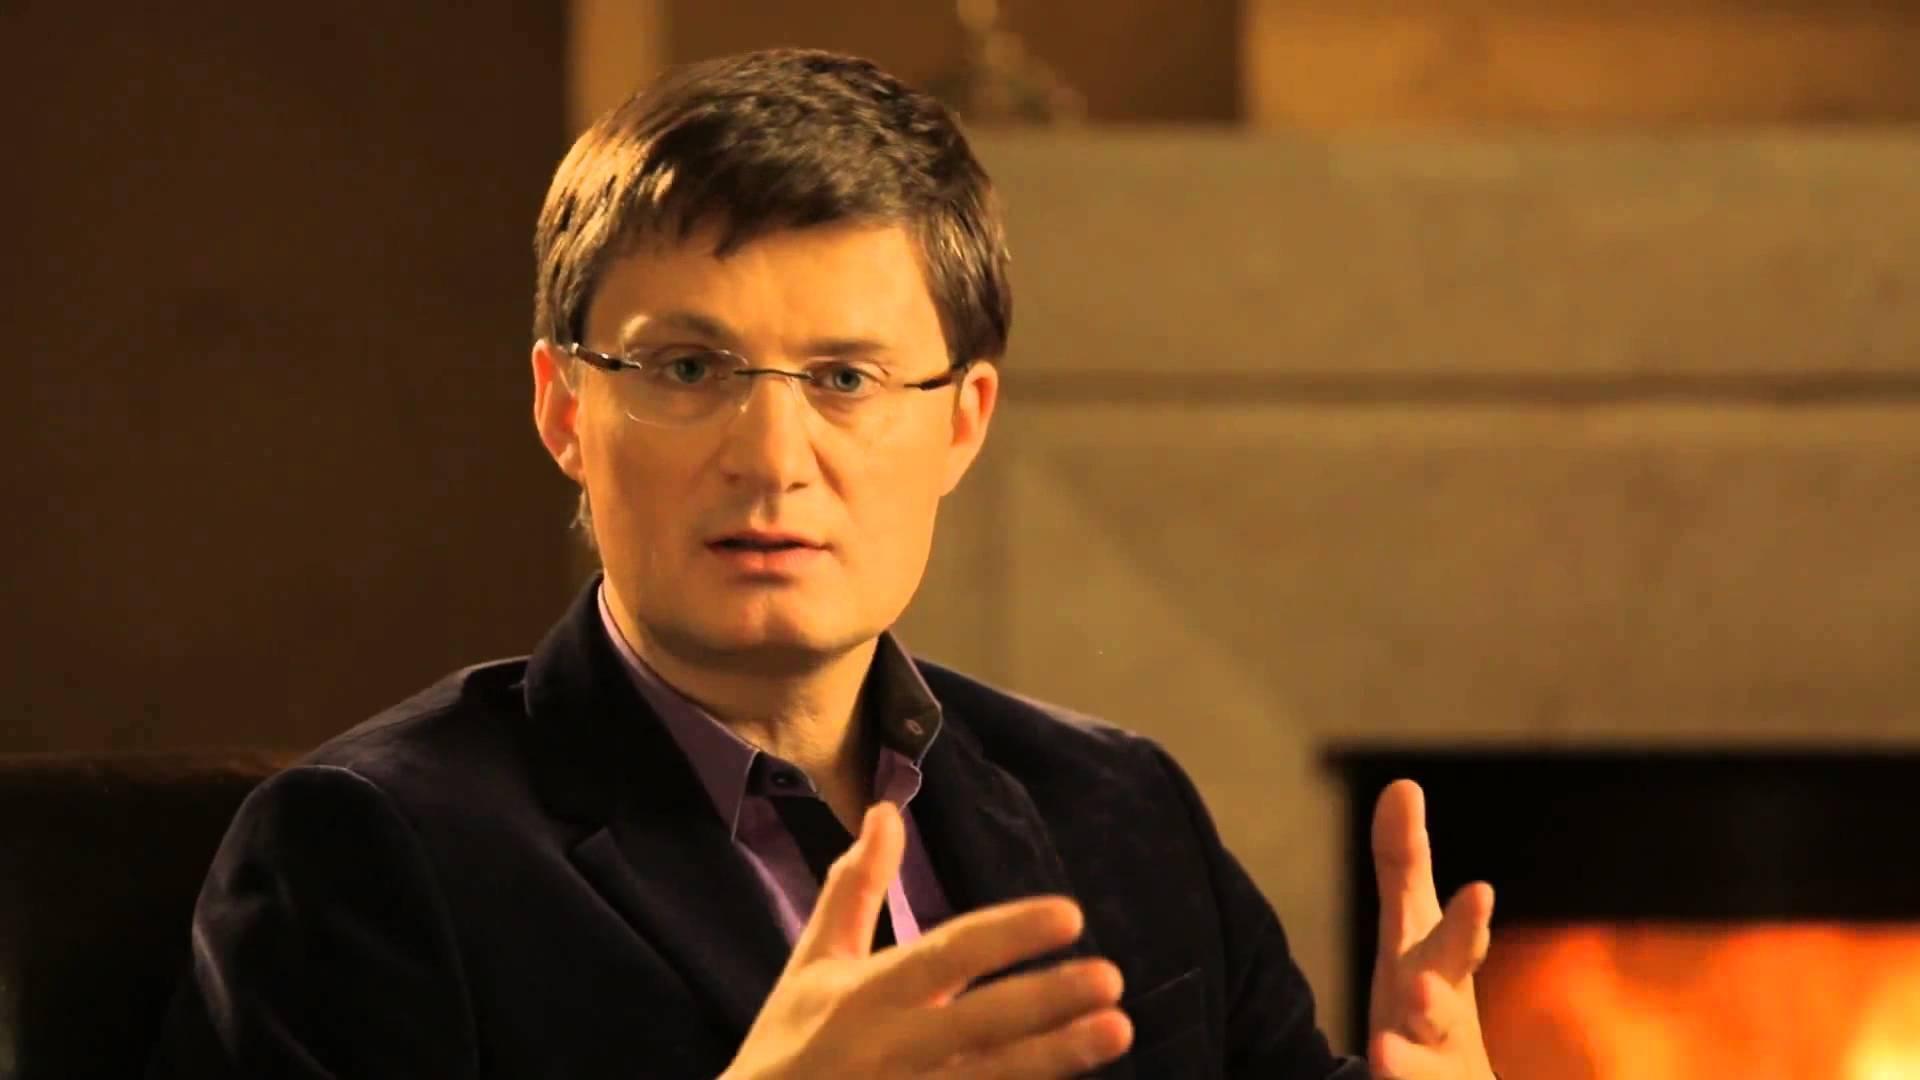 Игорь Кондратюк высказался по поводу похода представителей шоу-бизнеса в политику